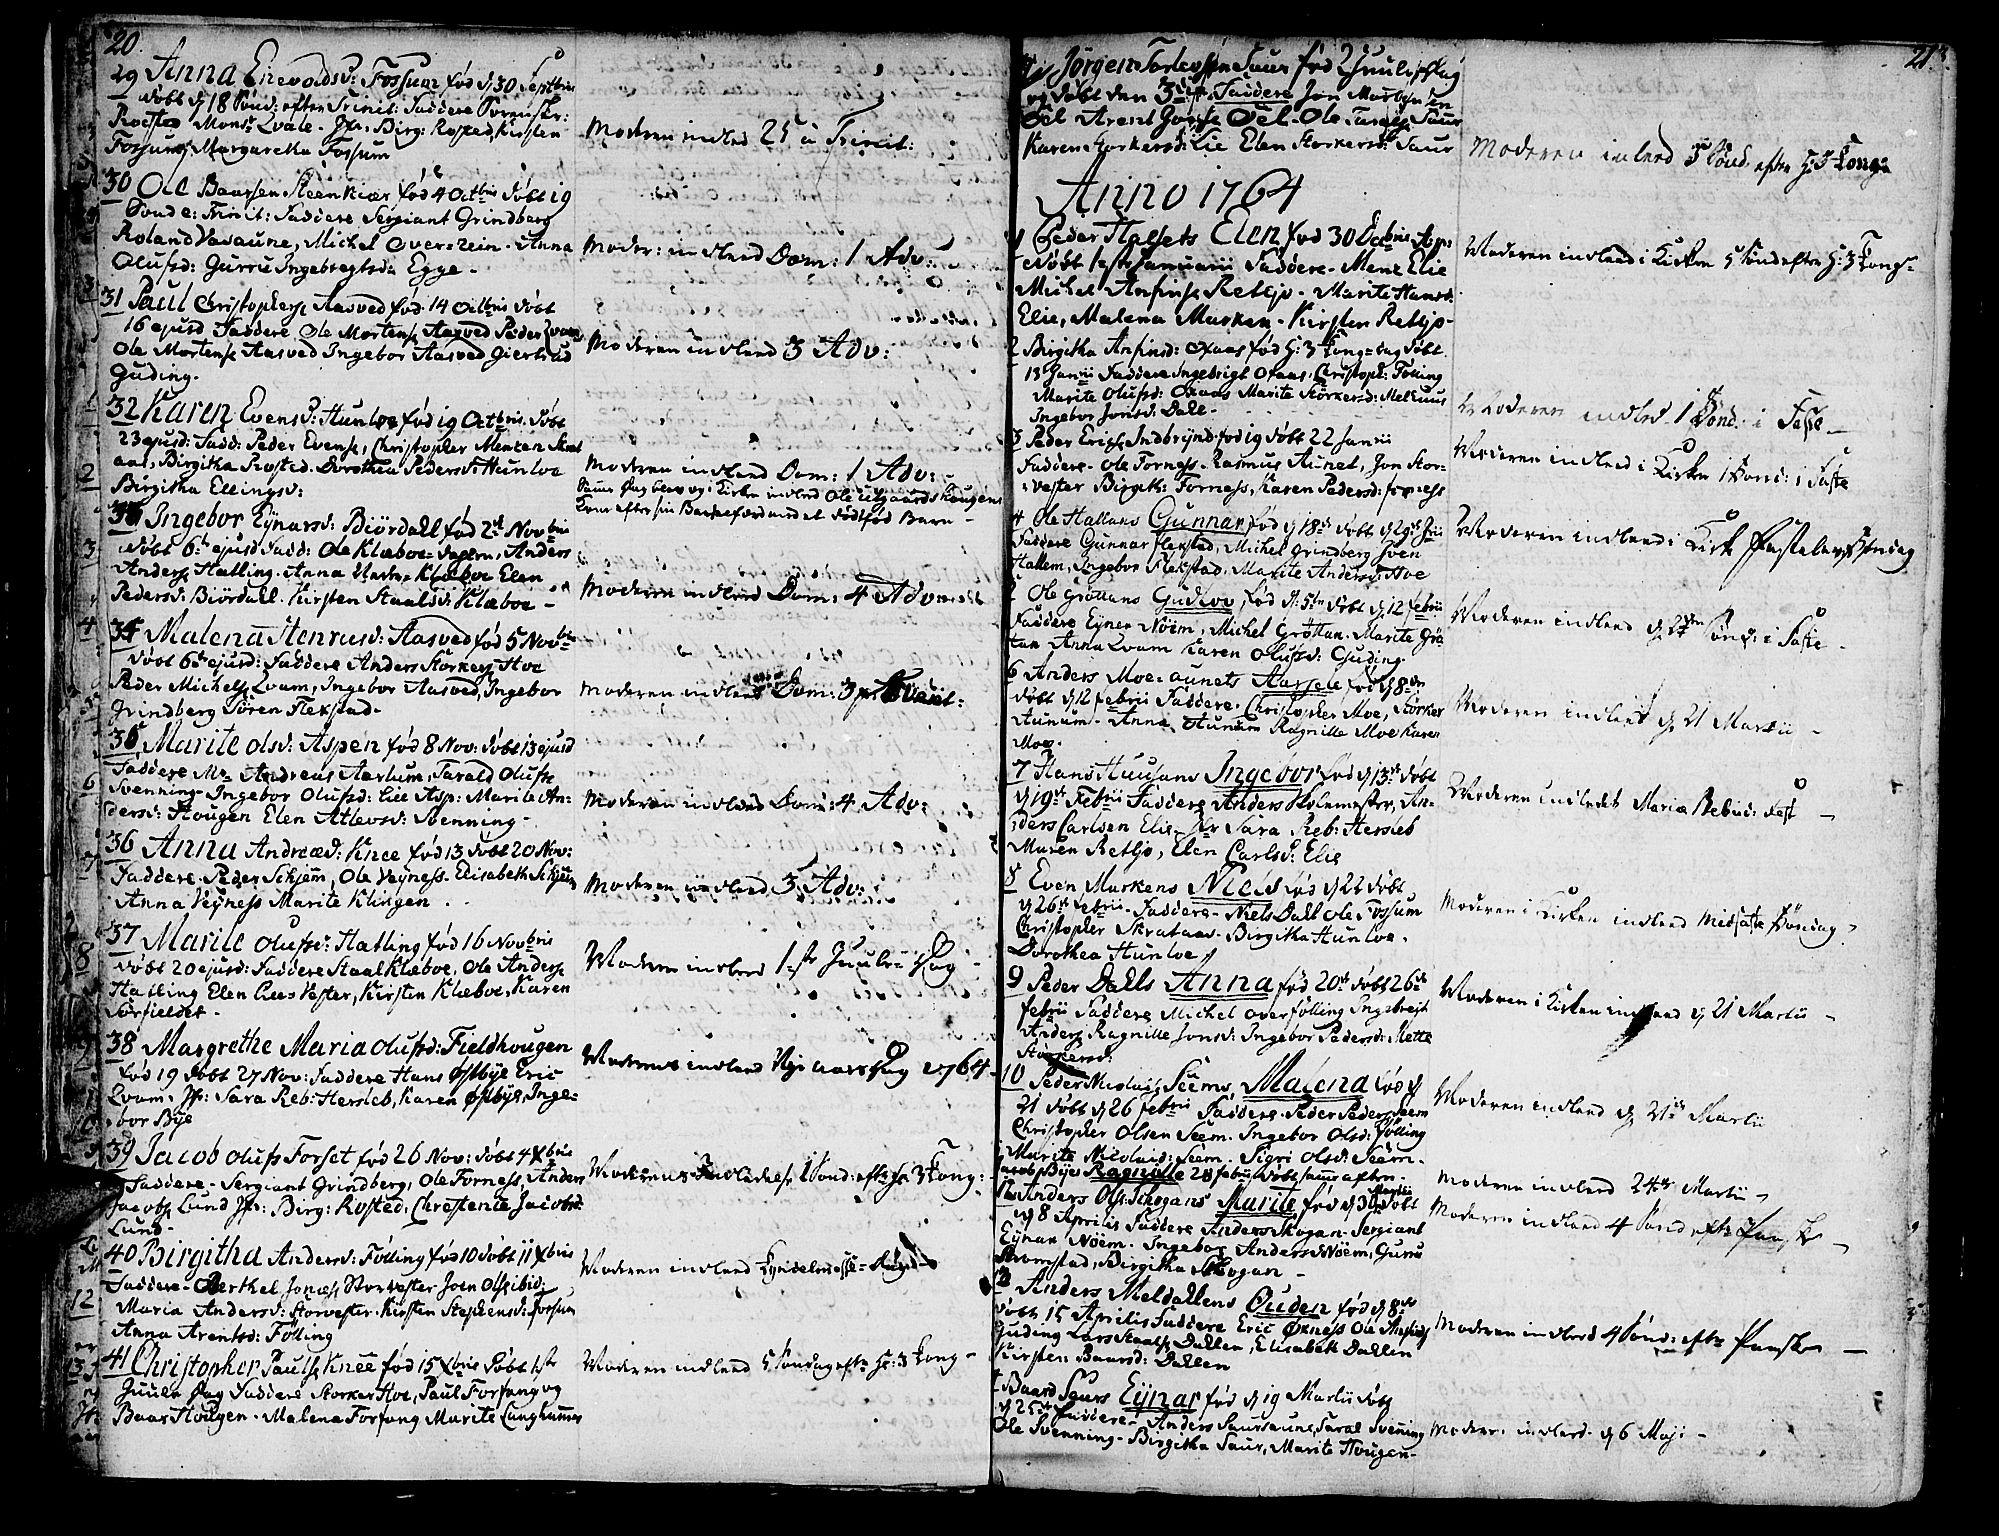 SAT, Ministerialprotokoller, klokkerbøker og fødselsregistre - Nord-Trøndelag, 746/L0440: Ministerialbok nr. 746A02, 1760-1815, s. 20-21